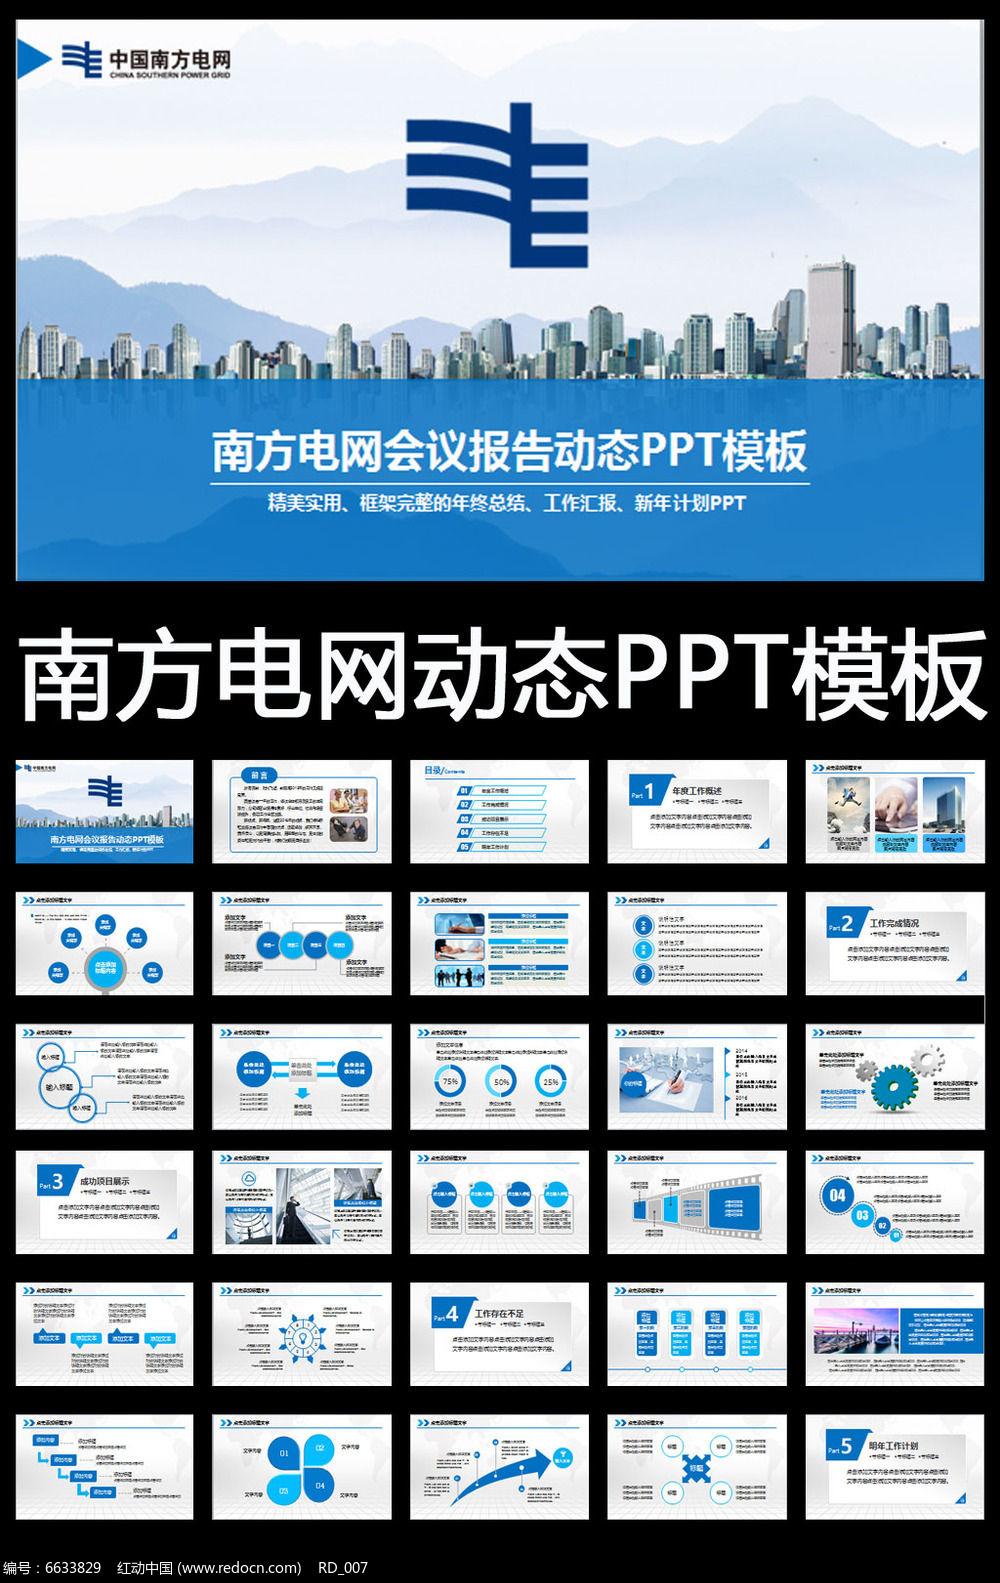 中国南方电网ppt模板图片